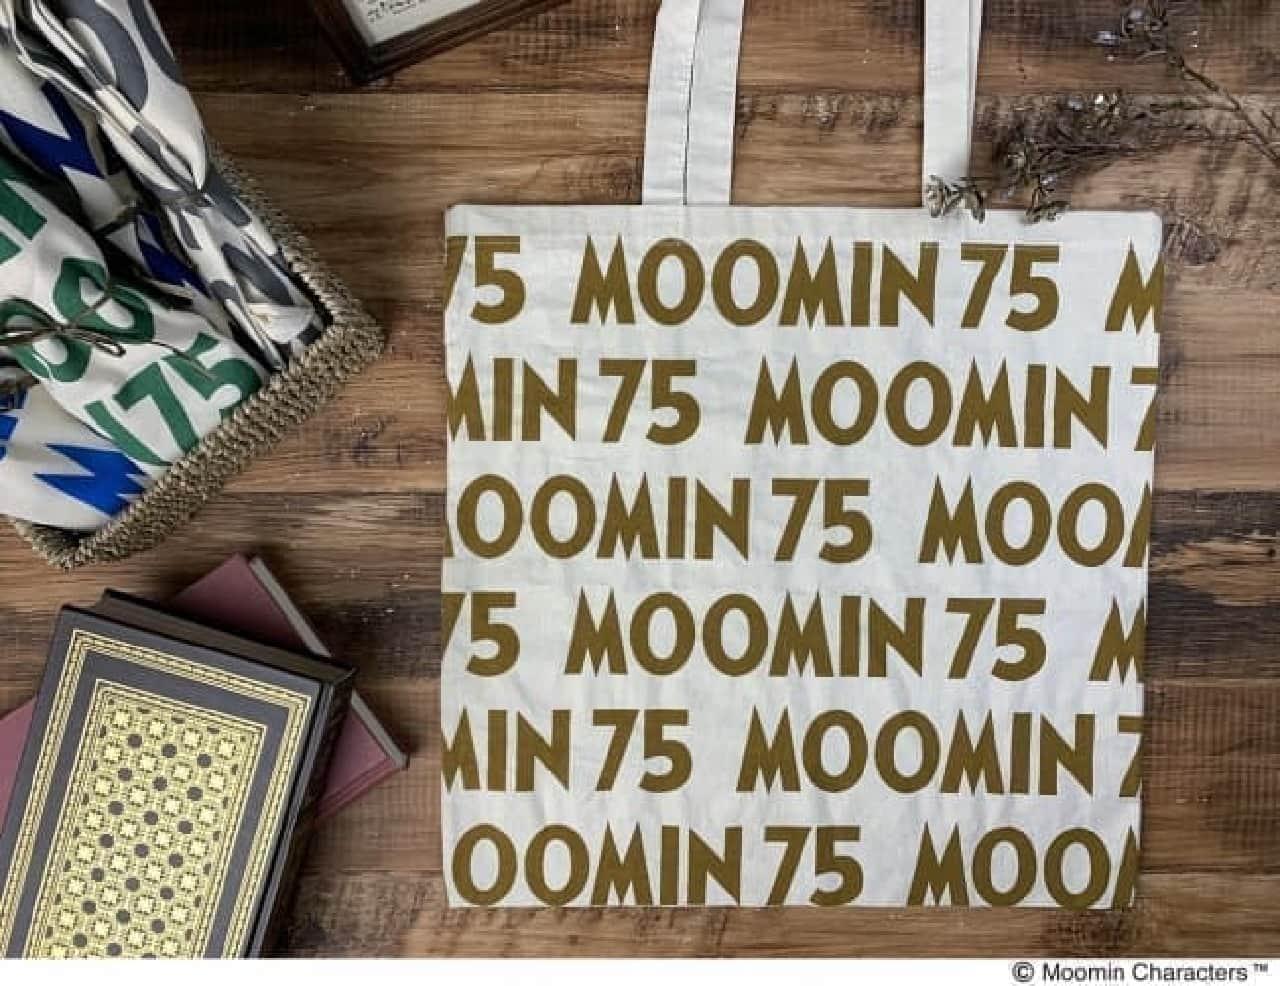 MOOMIN75 ショップトートバッグ